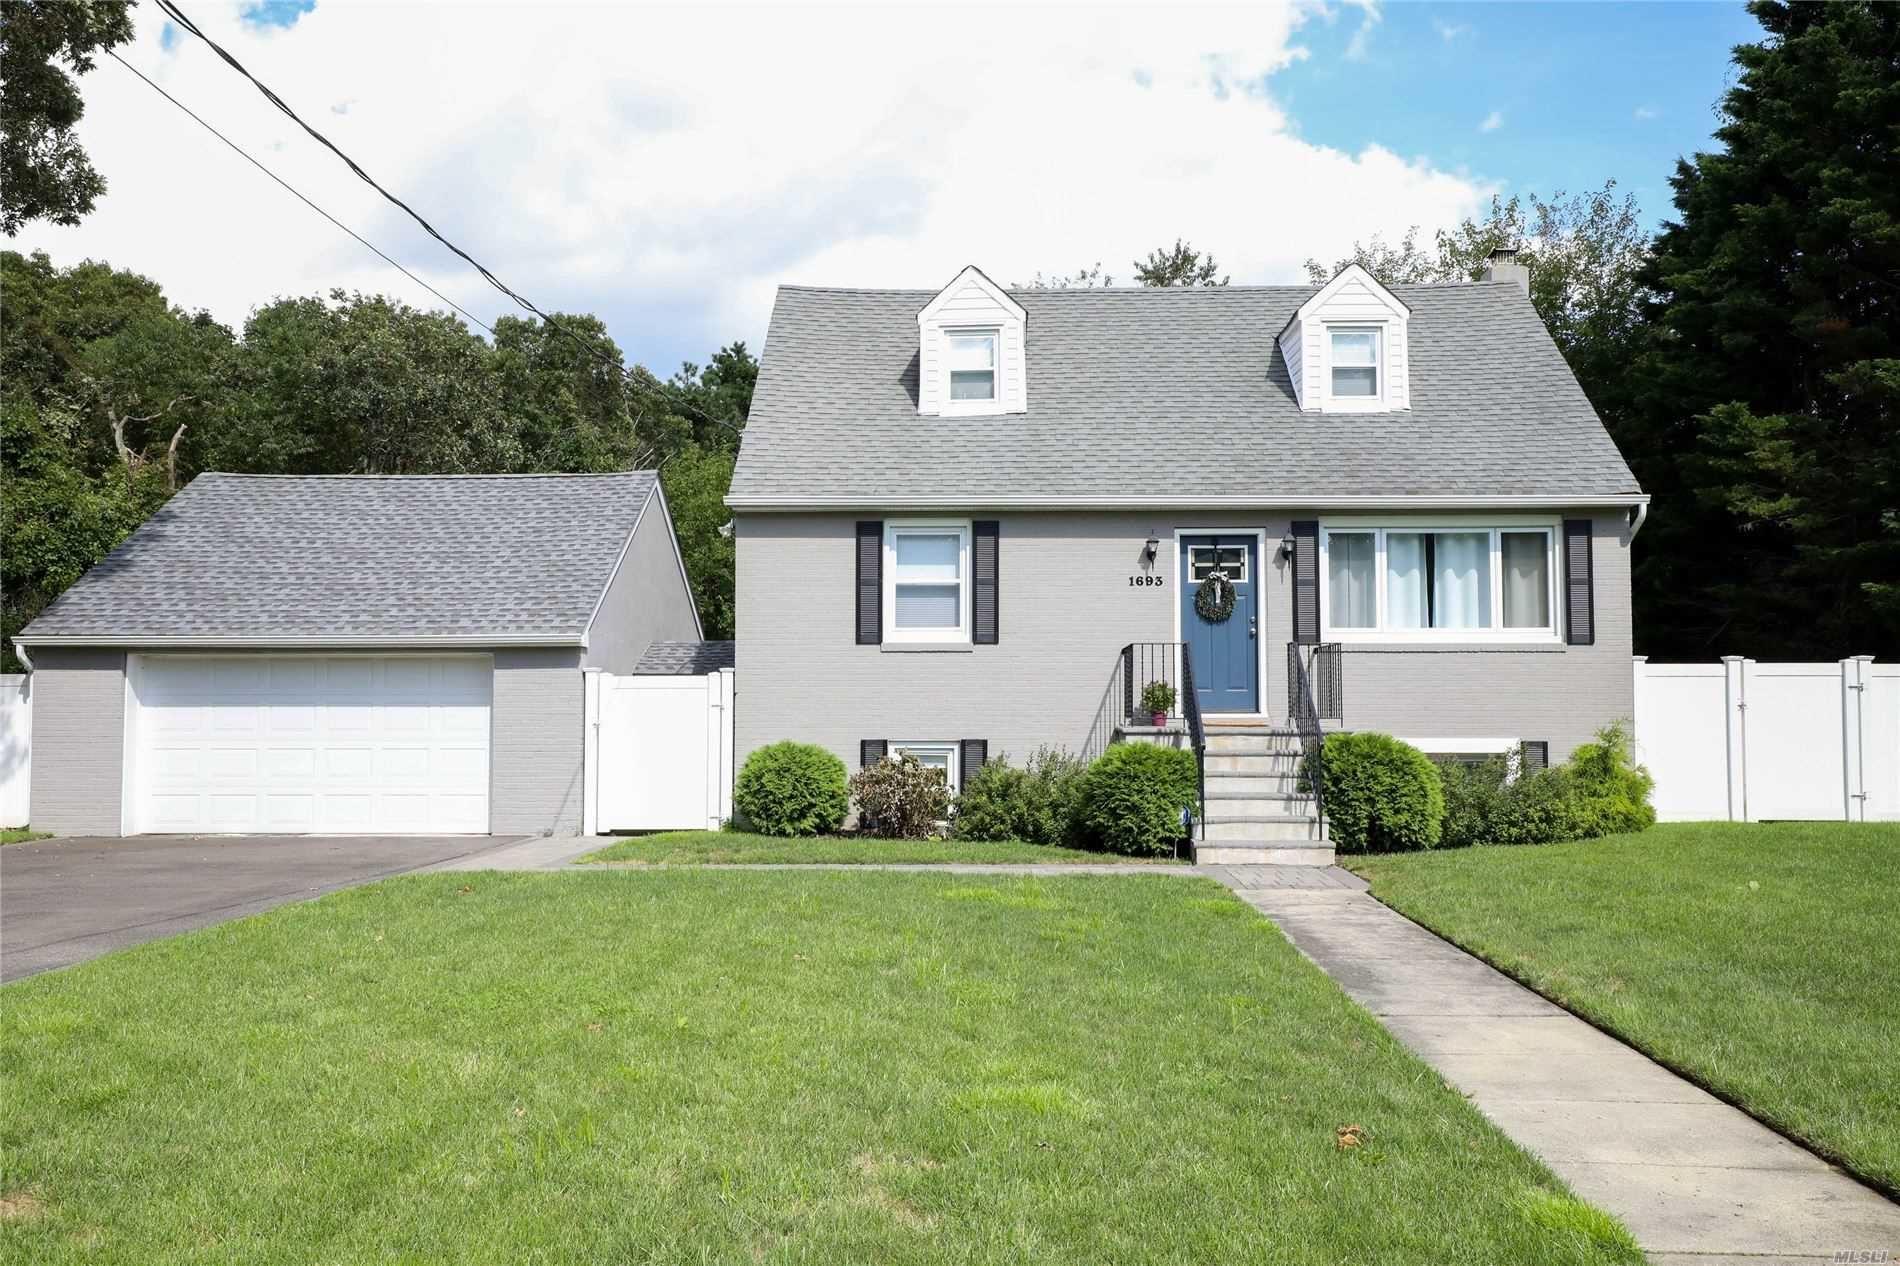 1693 Feureisen Avenue, Bohemia, NY 11716 - MLS#: 3244590